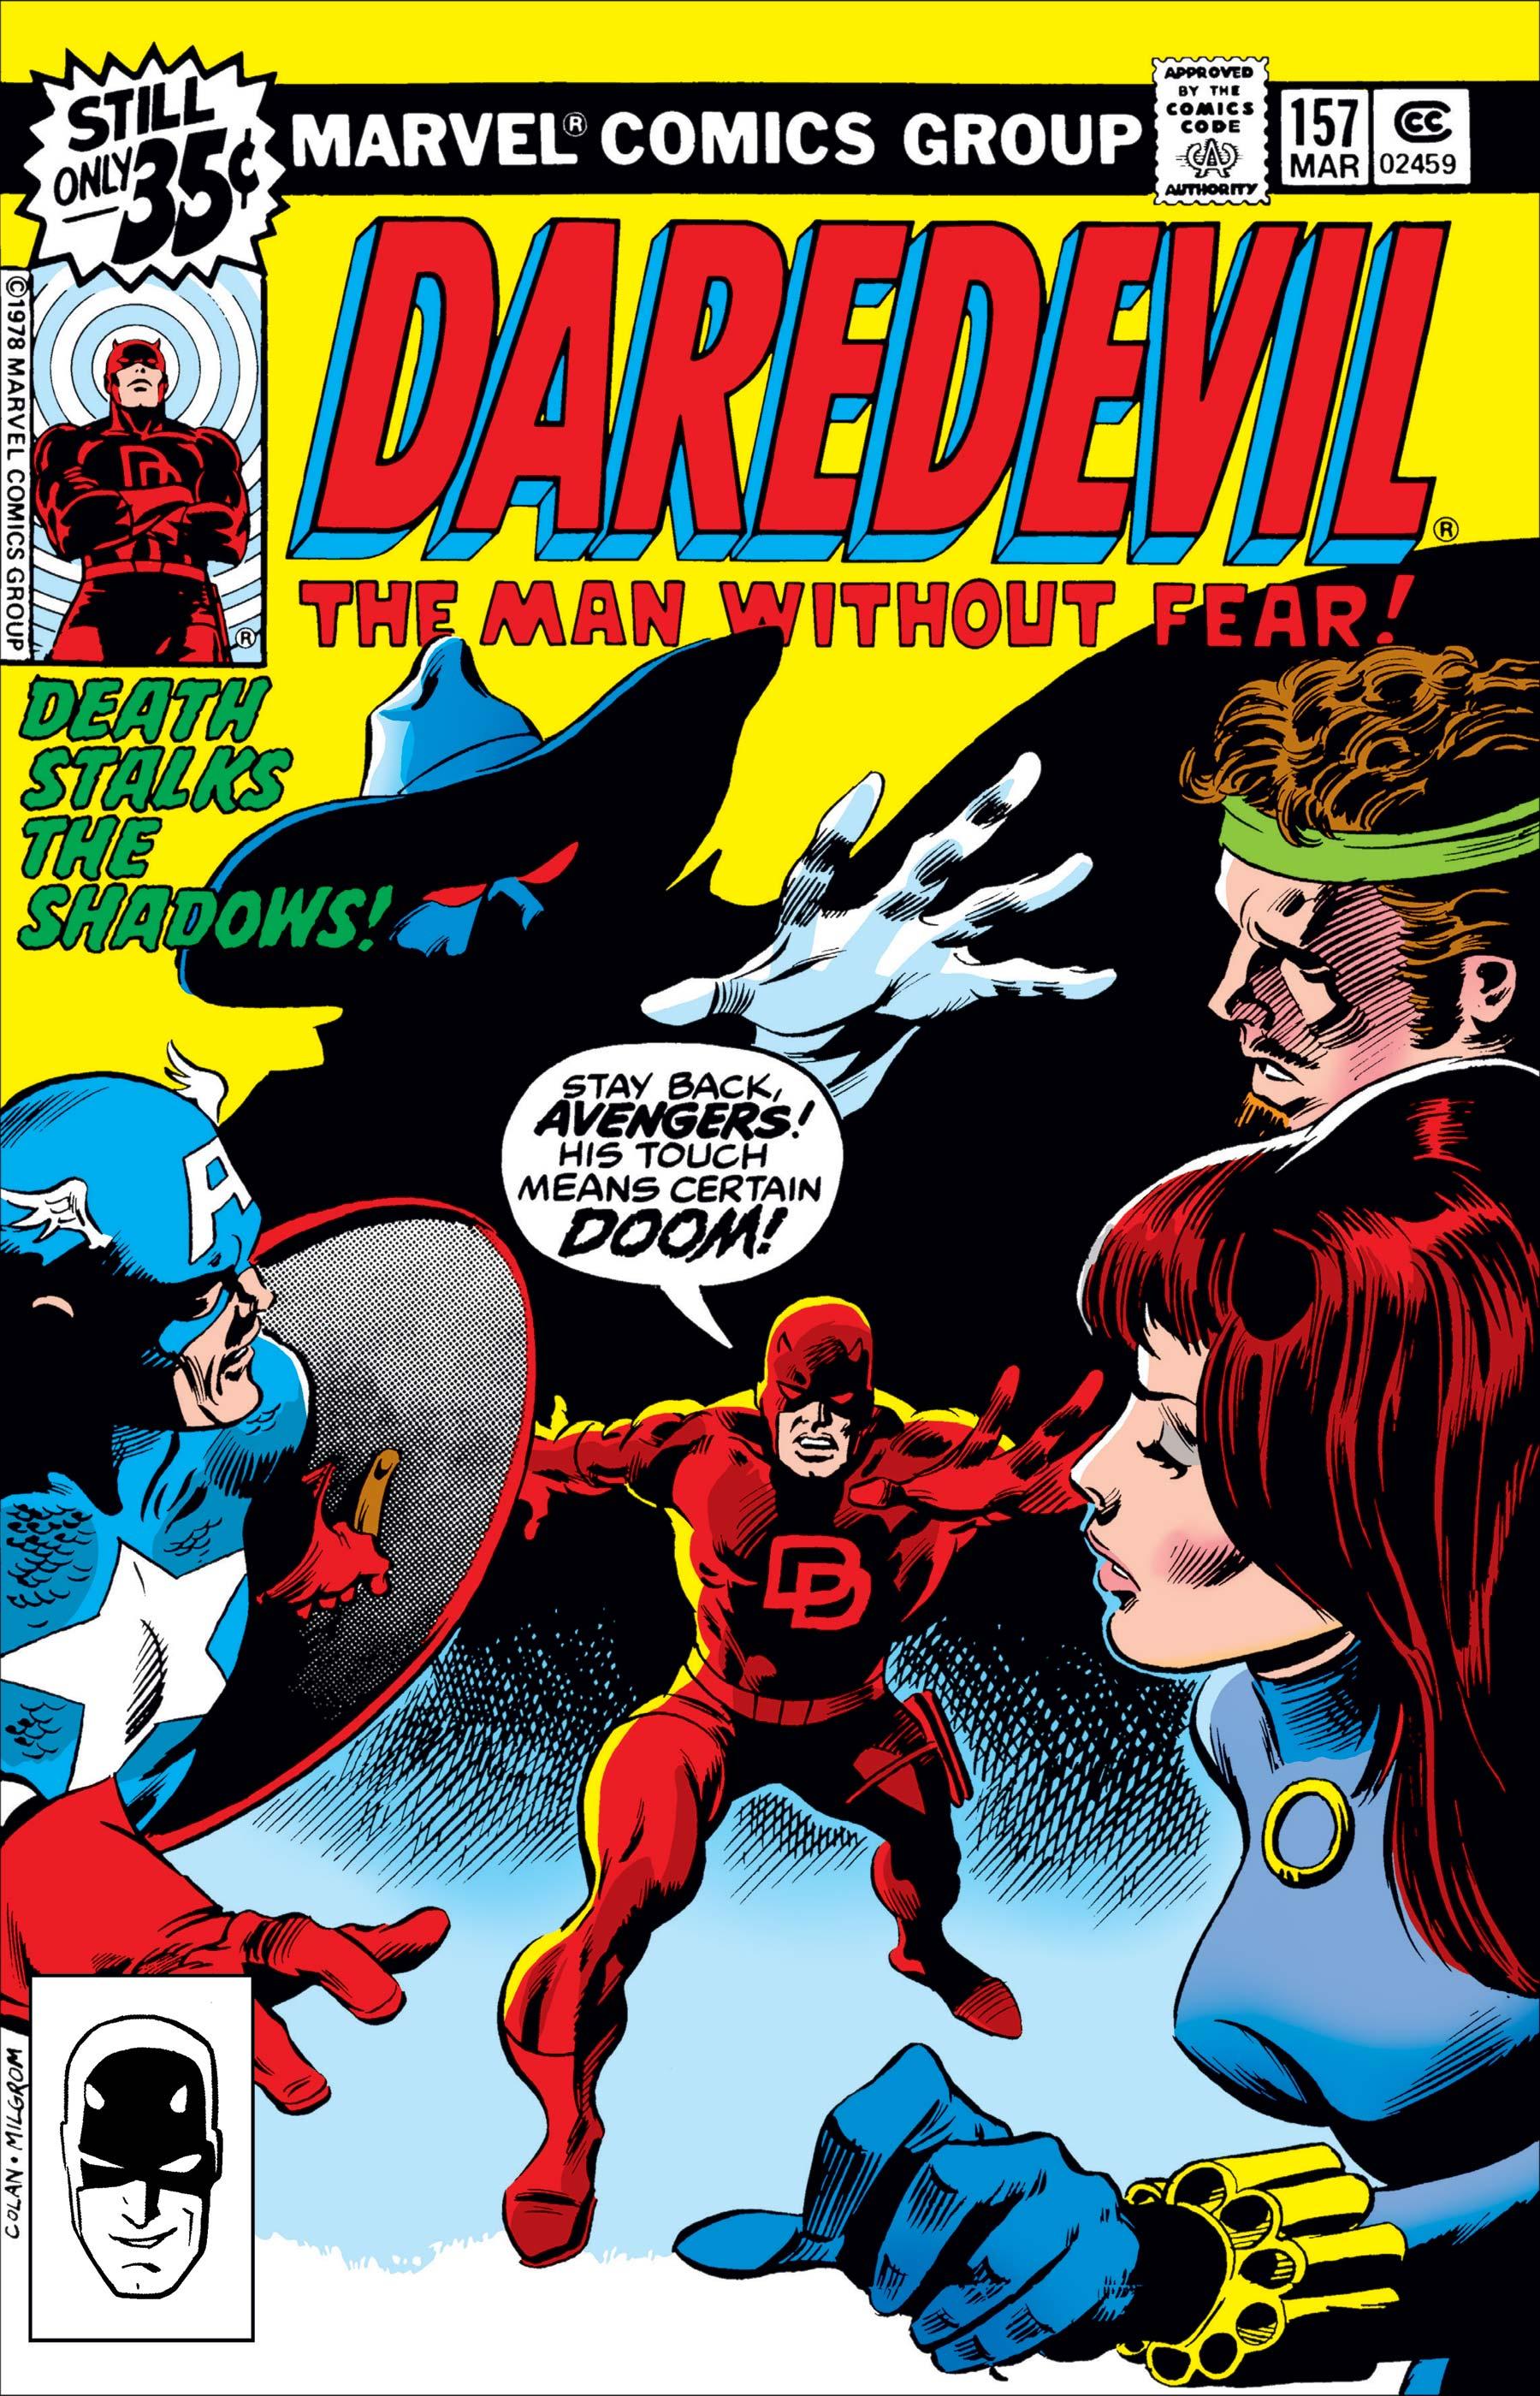 Daredevil (1964) #157